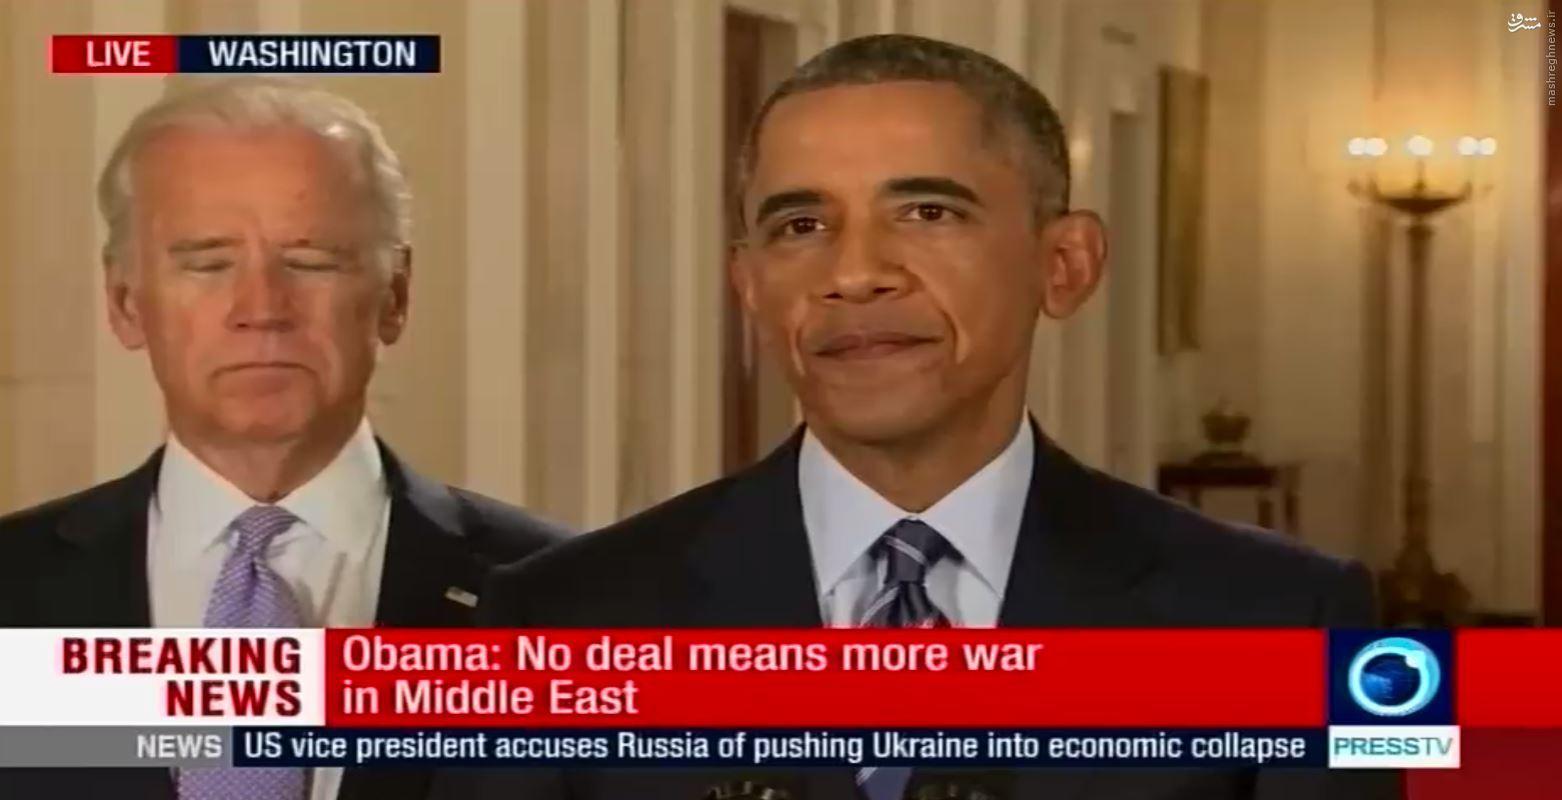 ظریف: آنچه اعلام میکنیم، یک توافق خوب است/ اوباما: هر قانون کنگره که مانع اجرای توافق شود، وتو خواهم کرد/ فابیوس: احتمال زیاد به تهران سفر کنم/ انتشار مهمترین محورهای جمعبندی مذاکرات